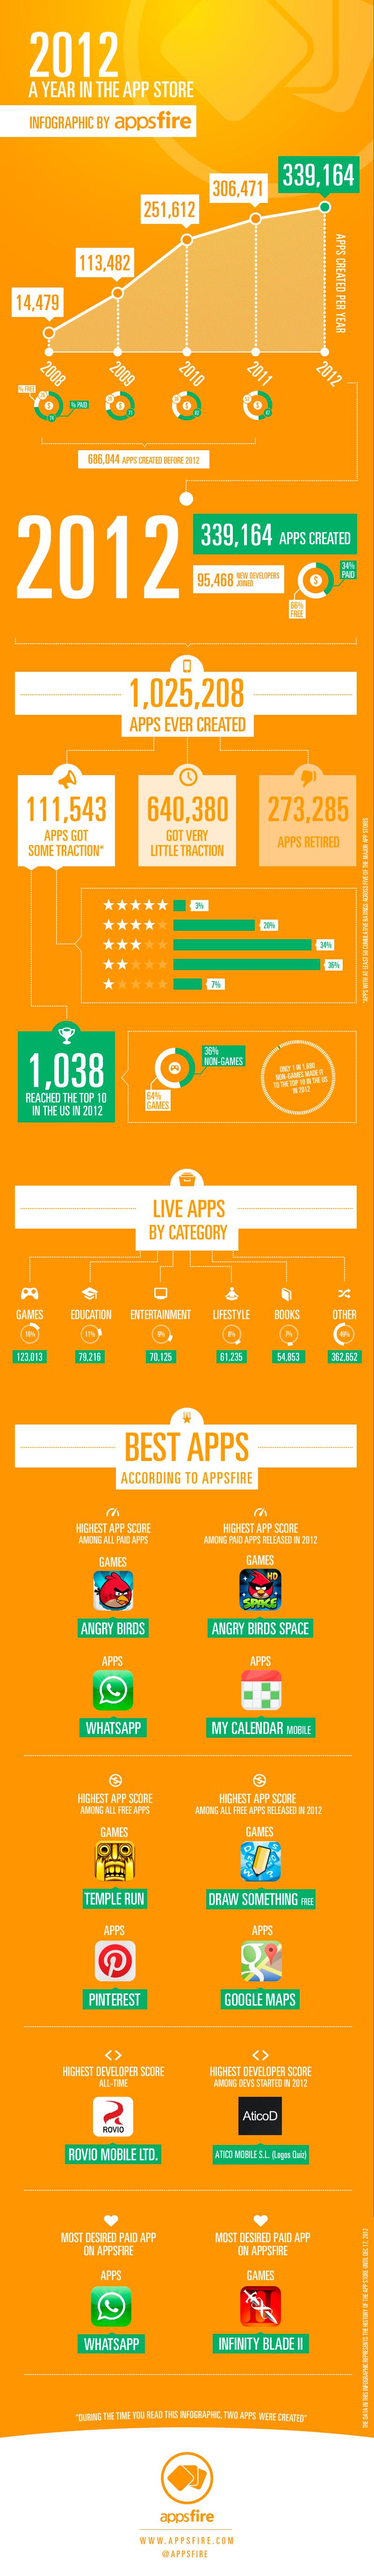 Los juegos y las aplicaciones gratuitas protagonistas en la App Store en 2012